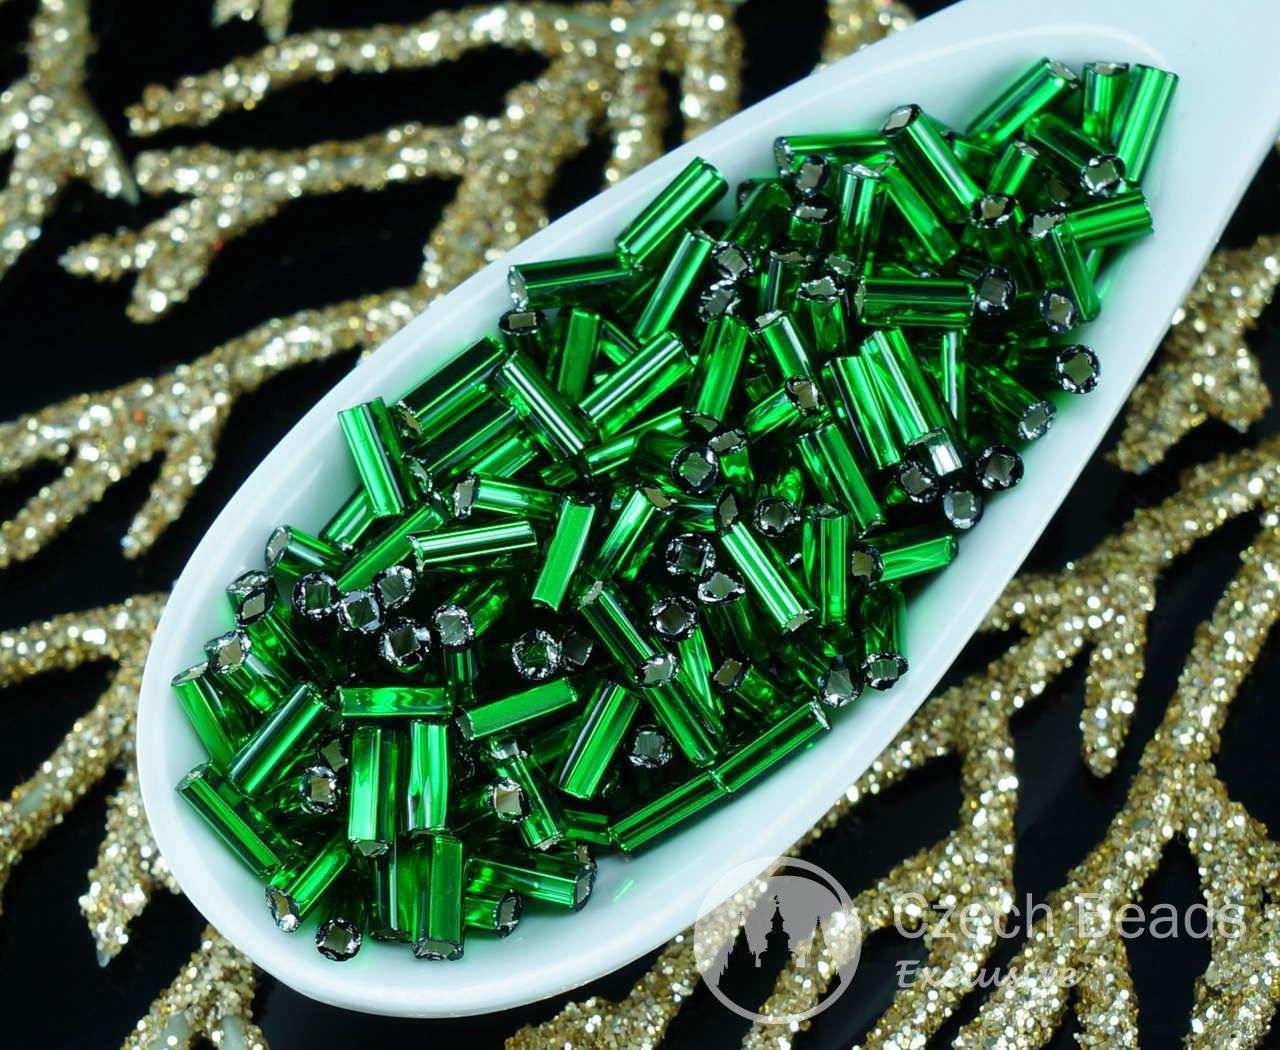 20g Grün Silber Ausgekleidet Tschechische Glas-Sechskant-Rohr-Rocailles PRECIOSA Rocaille Spacer 4,7 mm Rund 982pcs für $ 2.39 von Czech Beads Exclusive